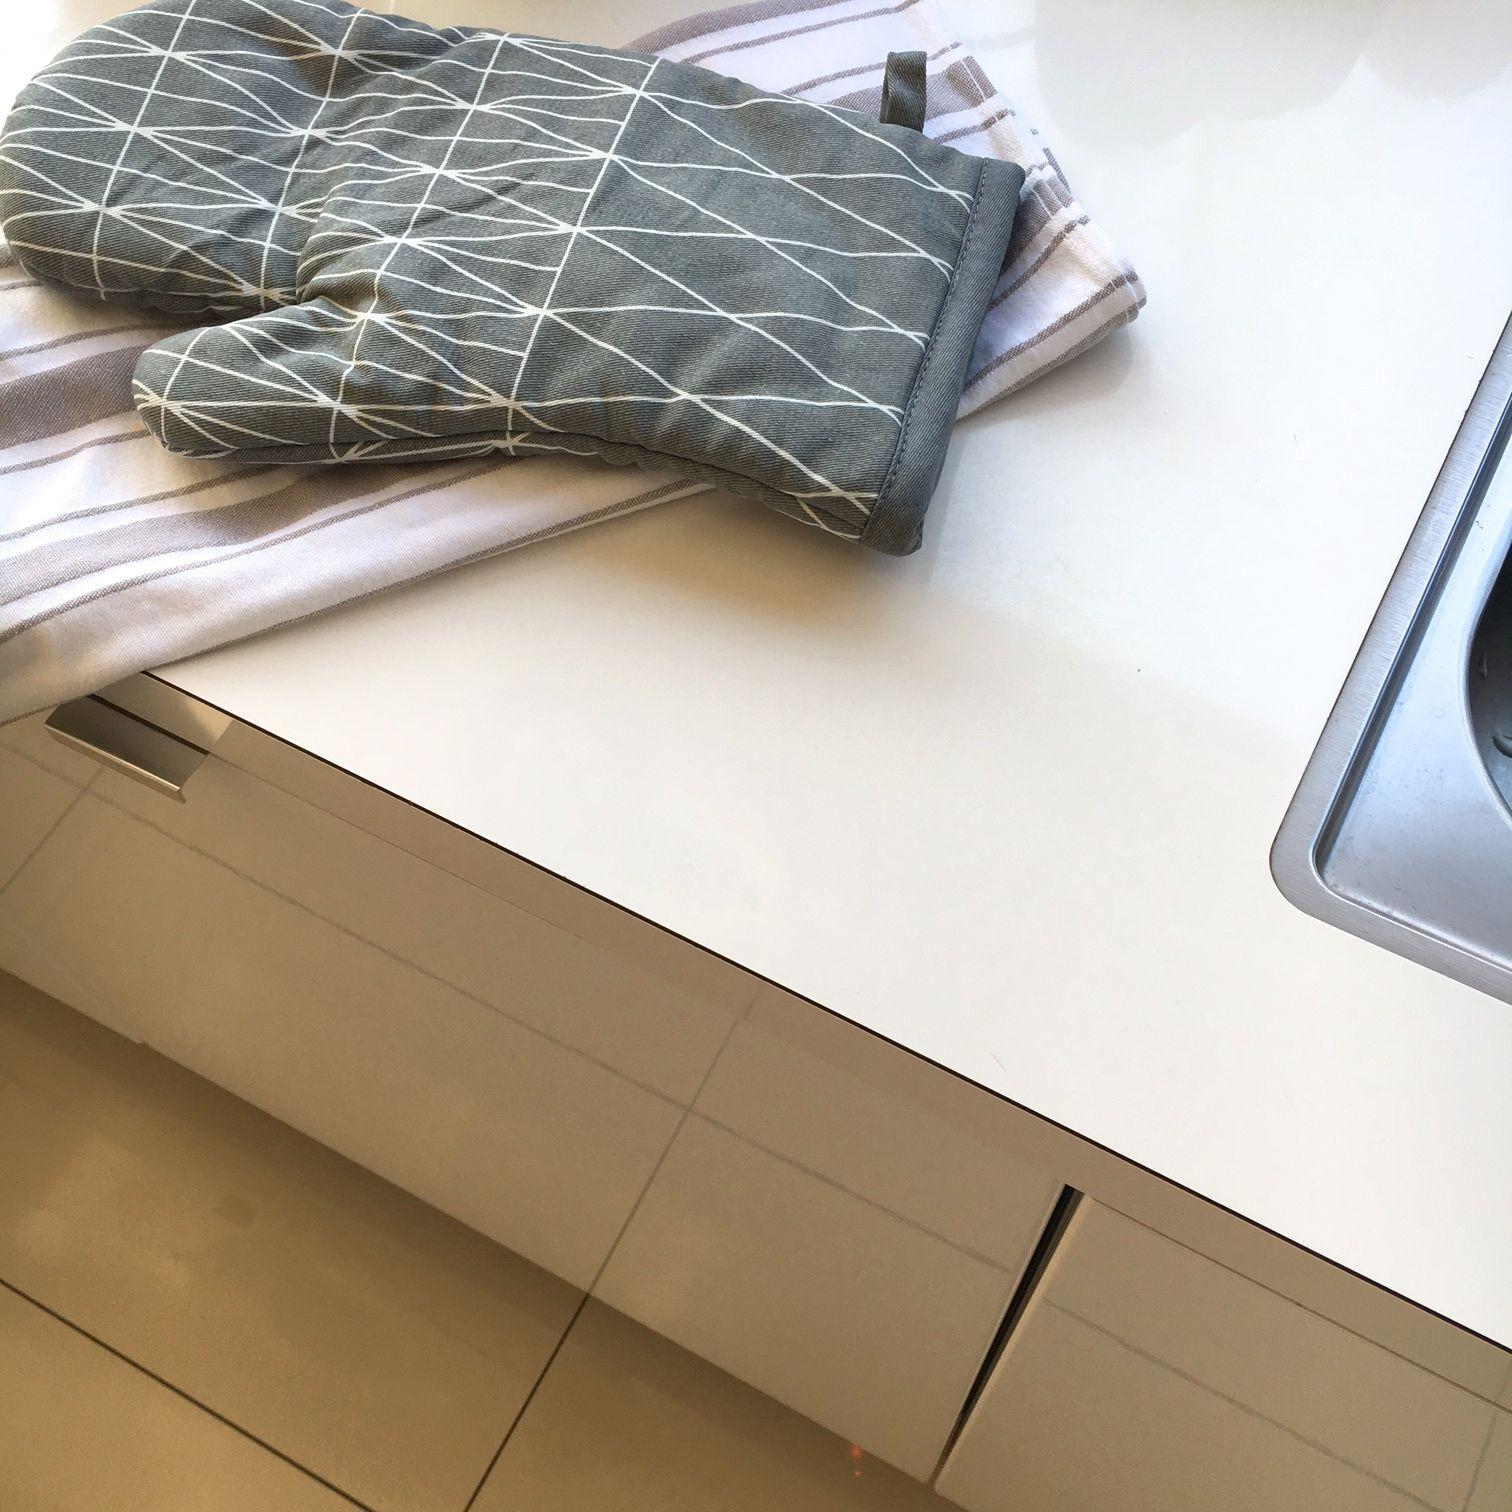 Full Size of Abfallbehälter Ikea Kche Low Budget Geht Auch Edel All About Design Sofa Mit Schlaffunktion Küche Kosten Betten 160x200 Kaufen Bei Modulküche Miniküche Wohnzimmer Abfallbehälter Ikea